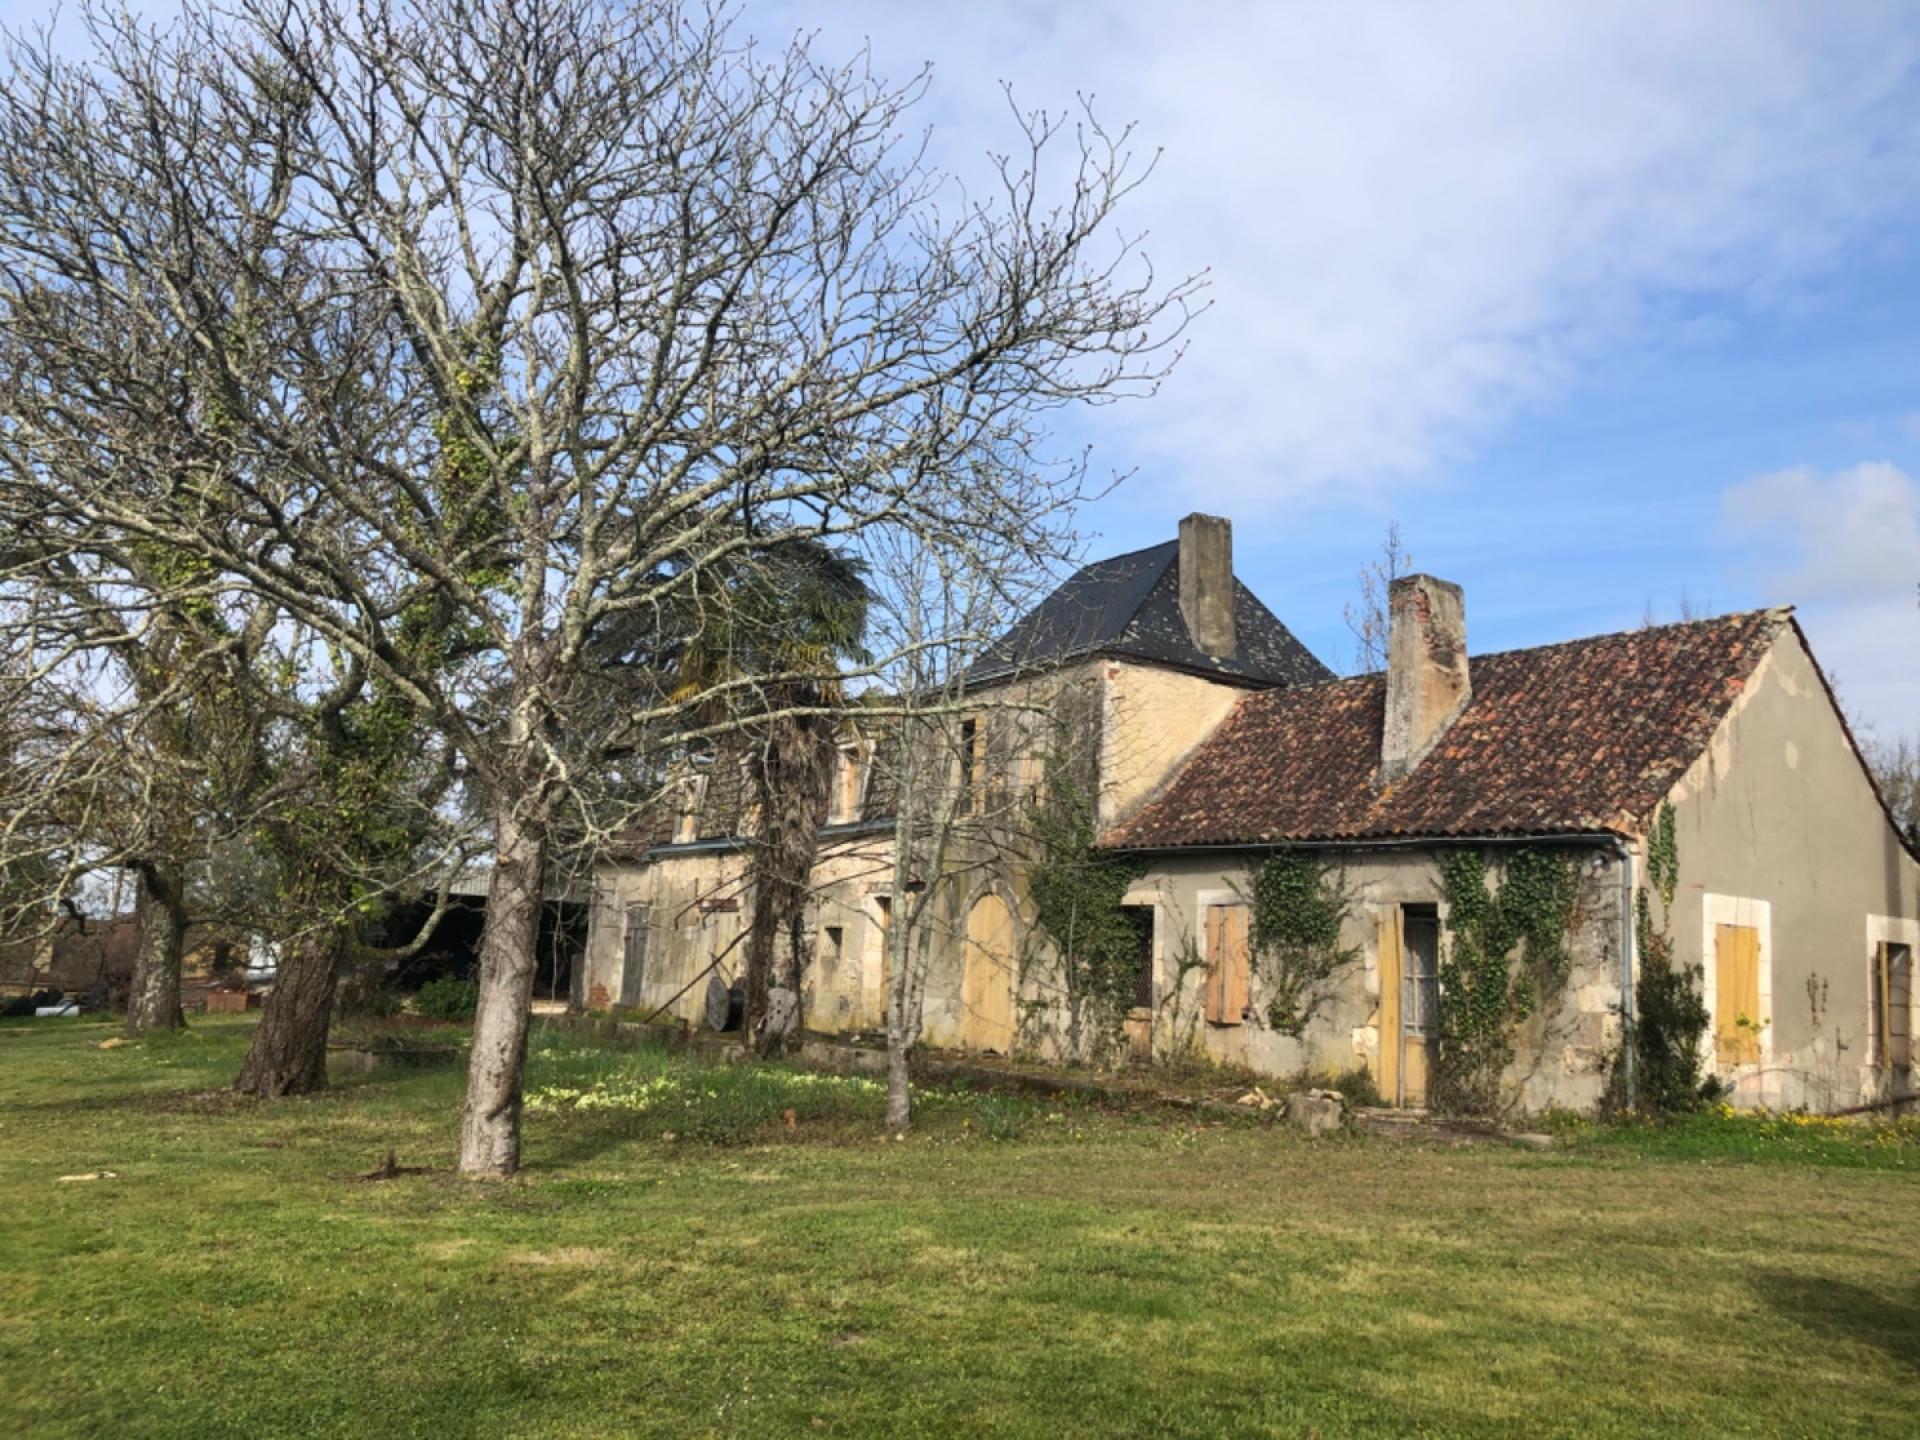 Magnifique vignoble de 45 hectares sur les hauteurs de Bergerac.